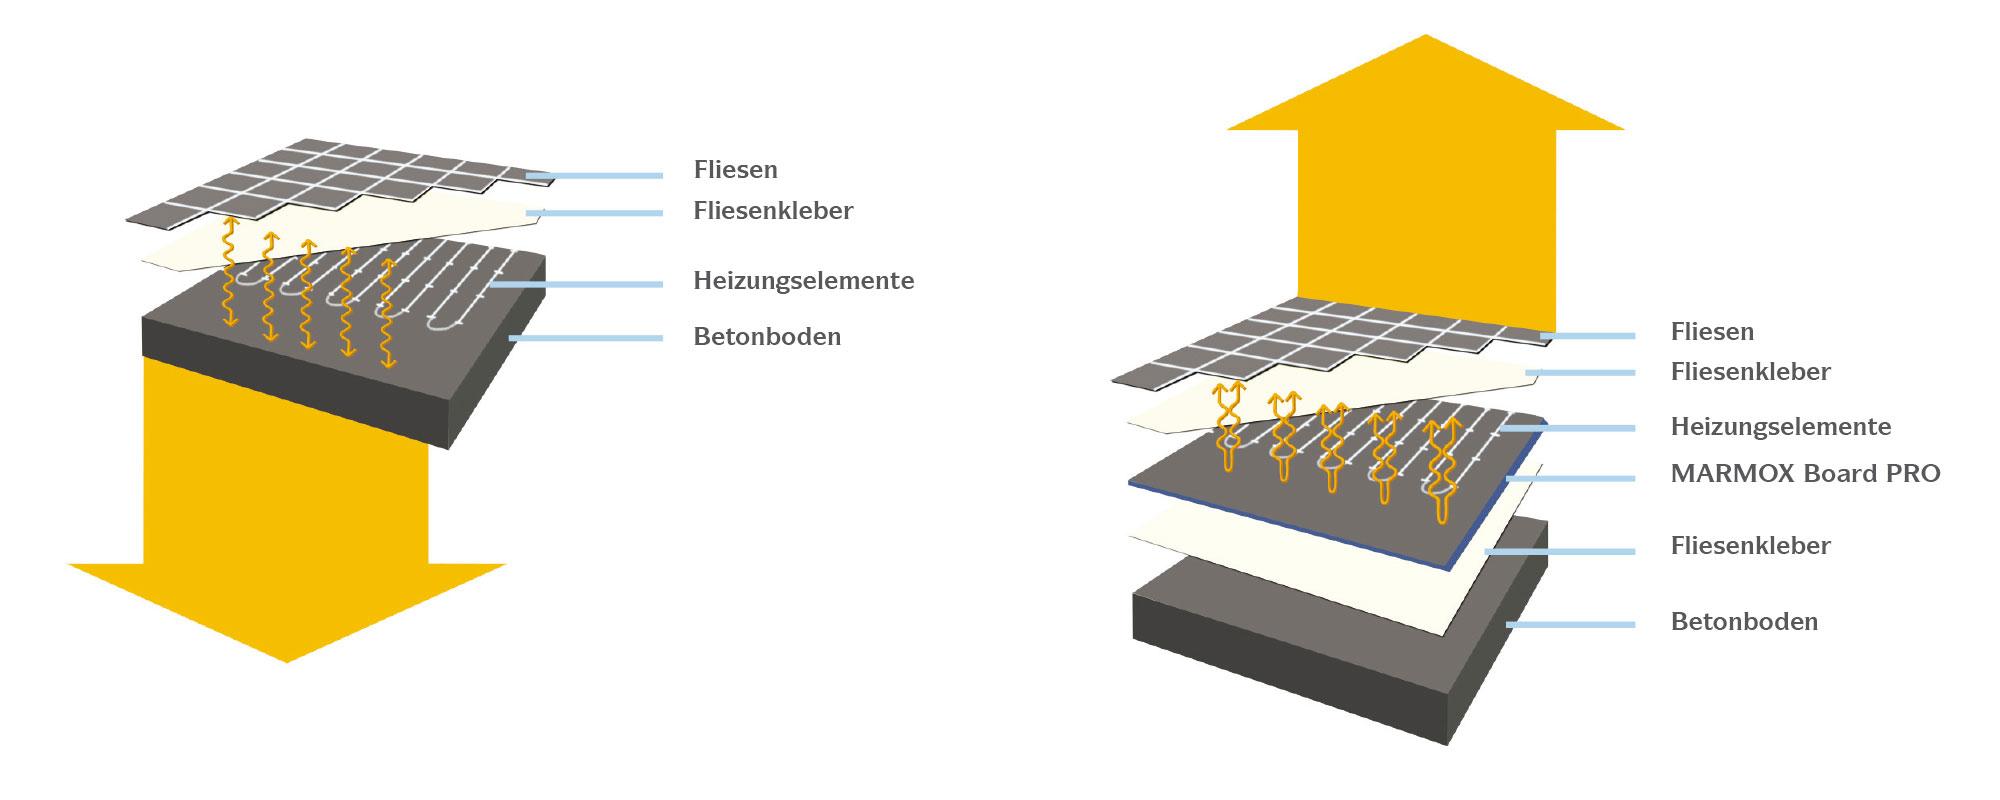 Marmox Board Pro - Isolierung Unter Elektrischen Fußbodenheizungen